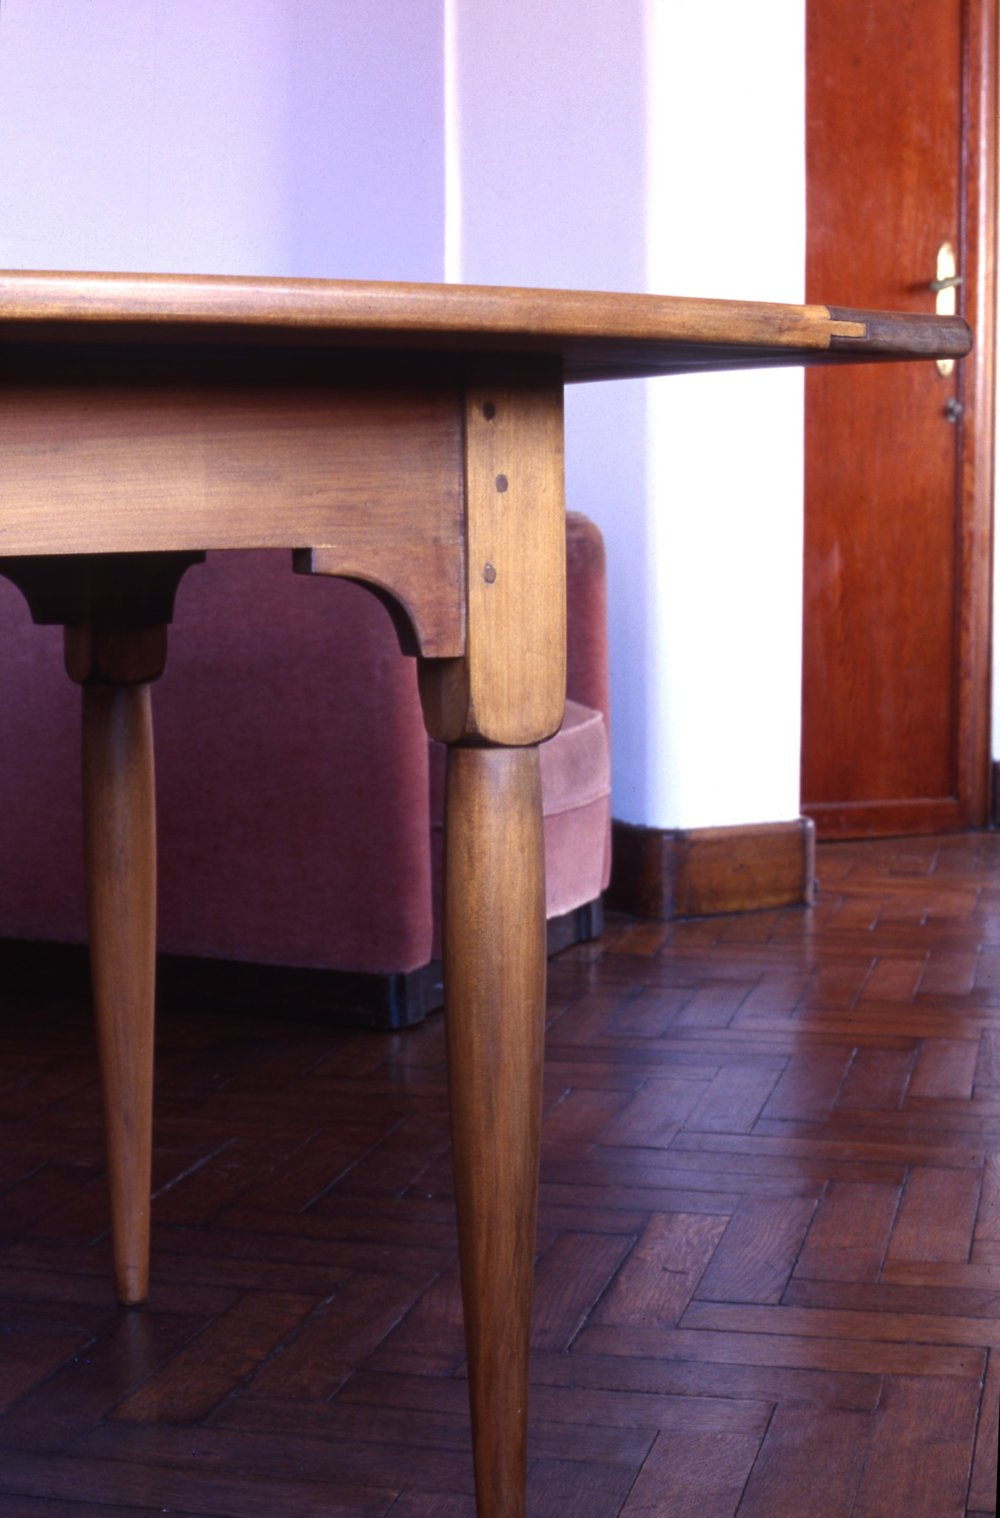 shaker tables_antoine vandewoude_01.jpg